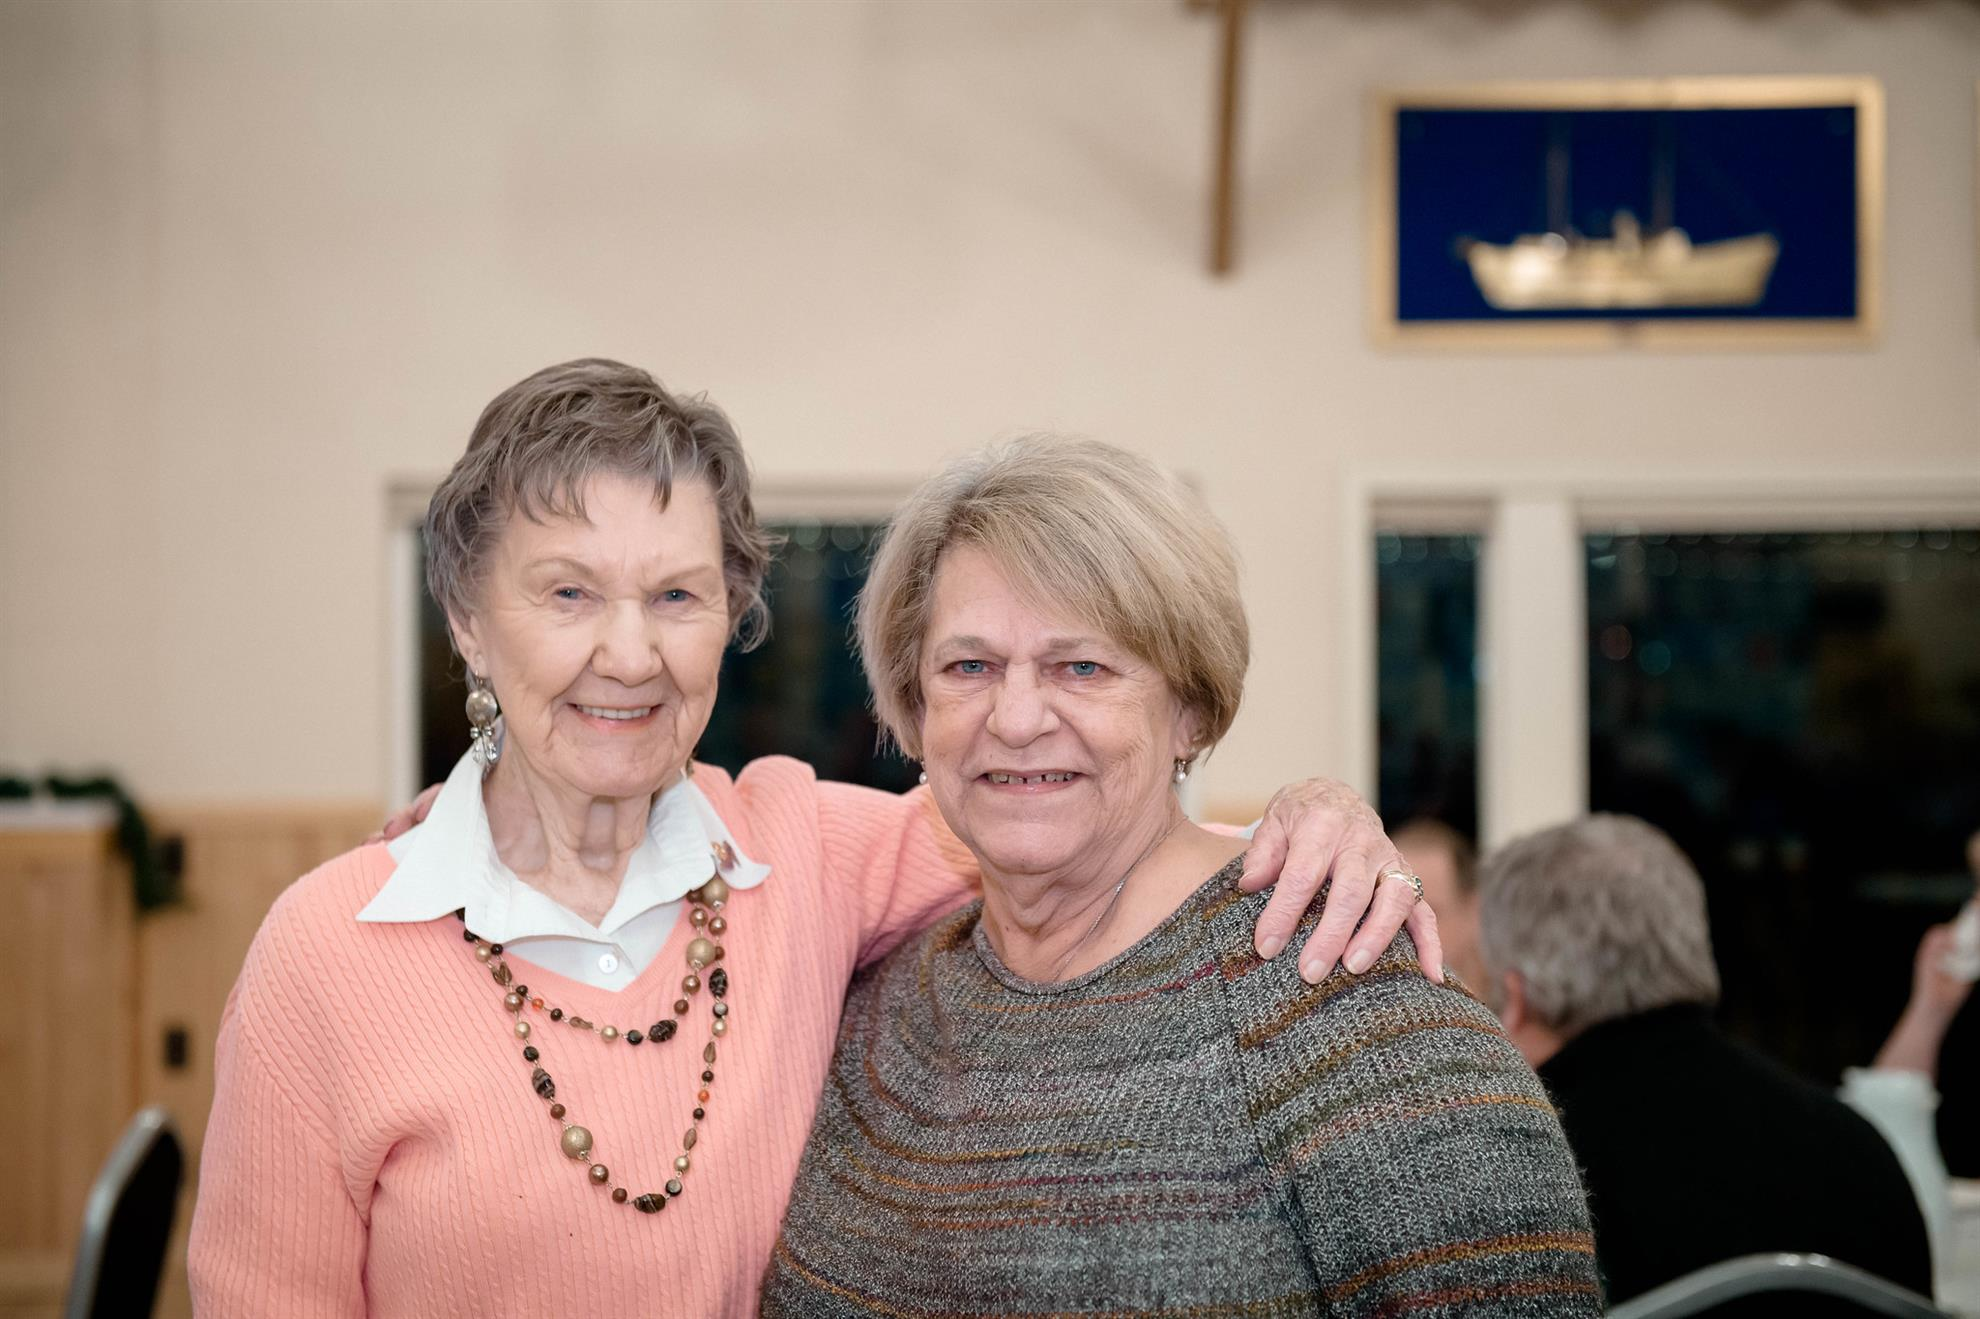 Carole and Ardis